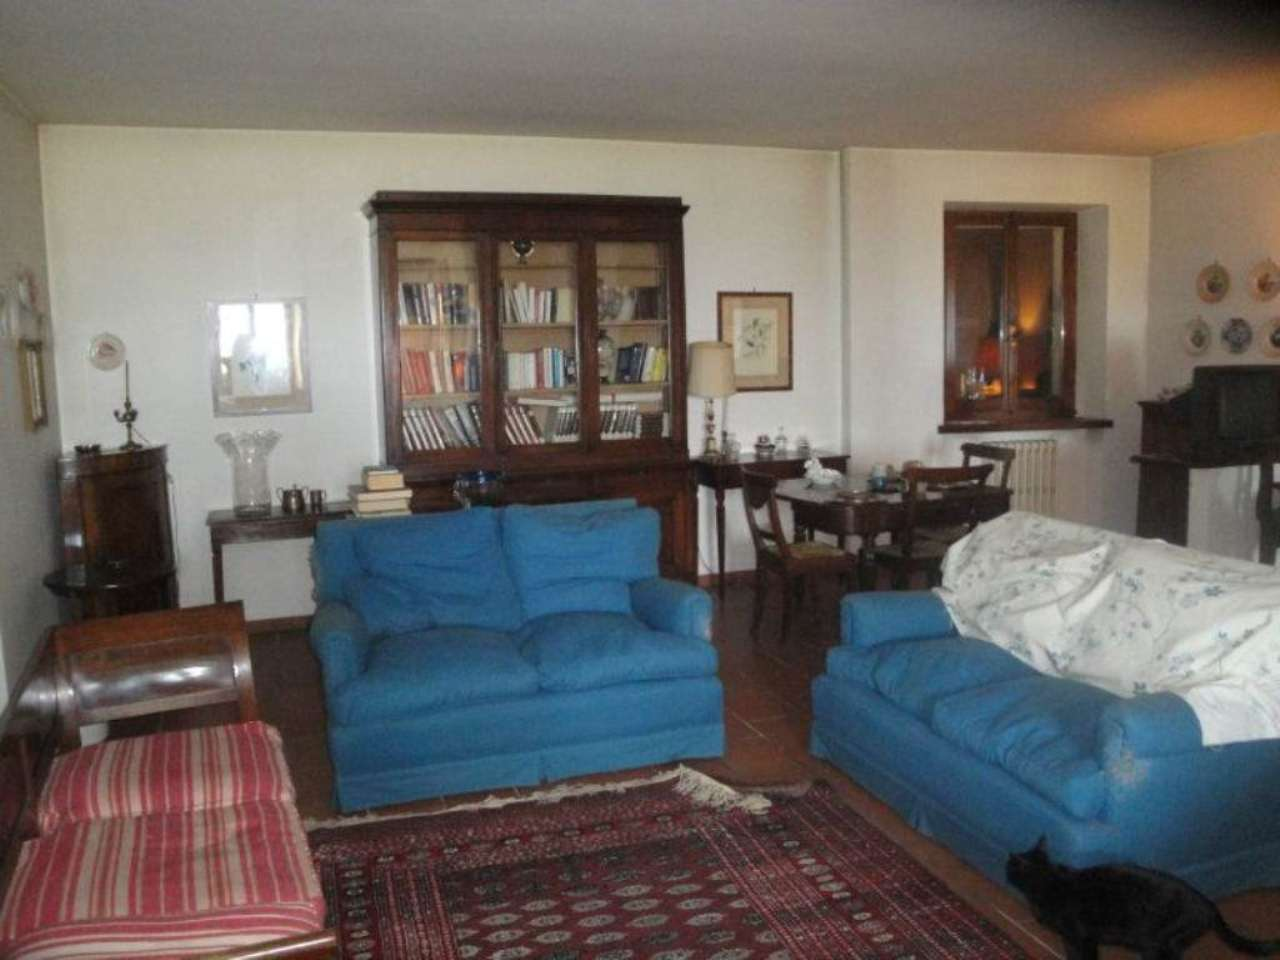 Palazzo / Stabile in vendita a Osimo, 6 locali, Trattative riservate | CambioCasa.it